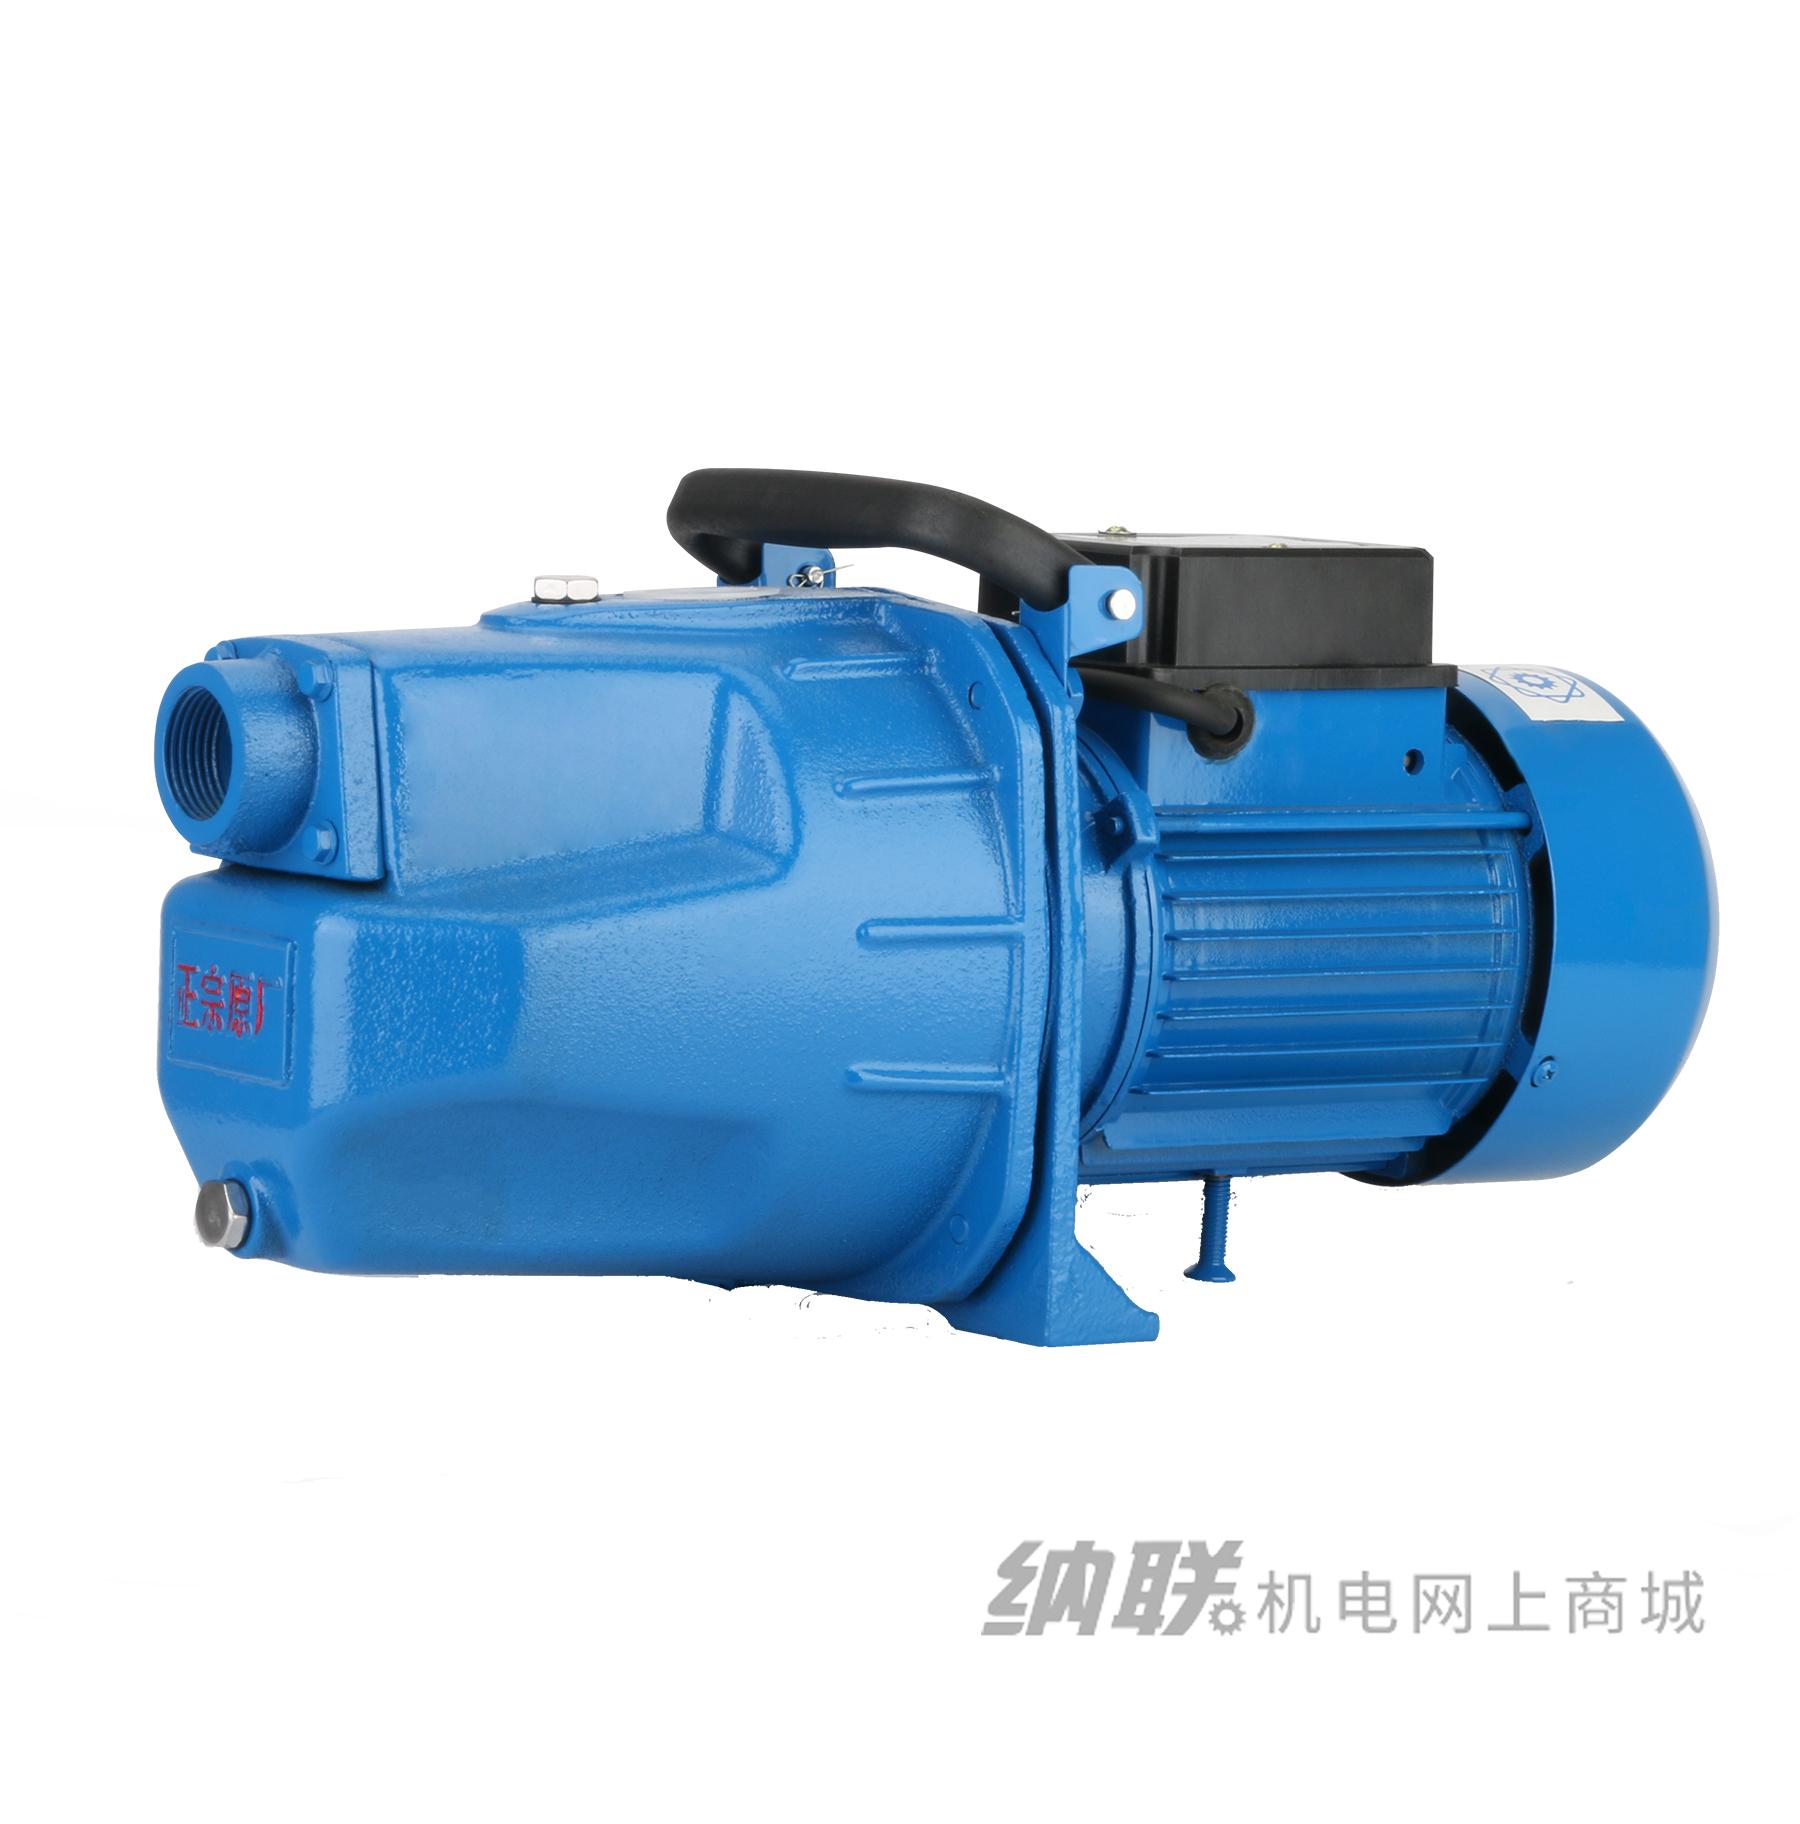 纳联机电 喷射泵-JET-1.1铝筒 单相